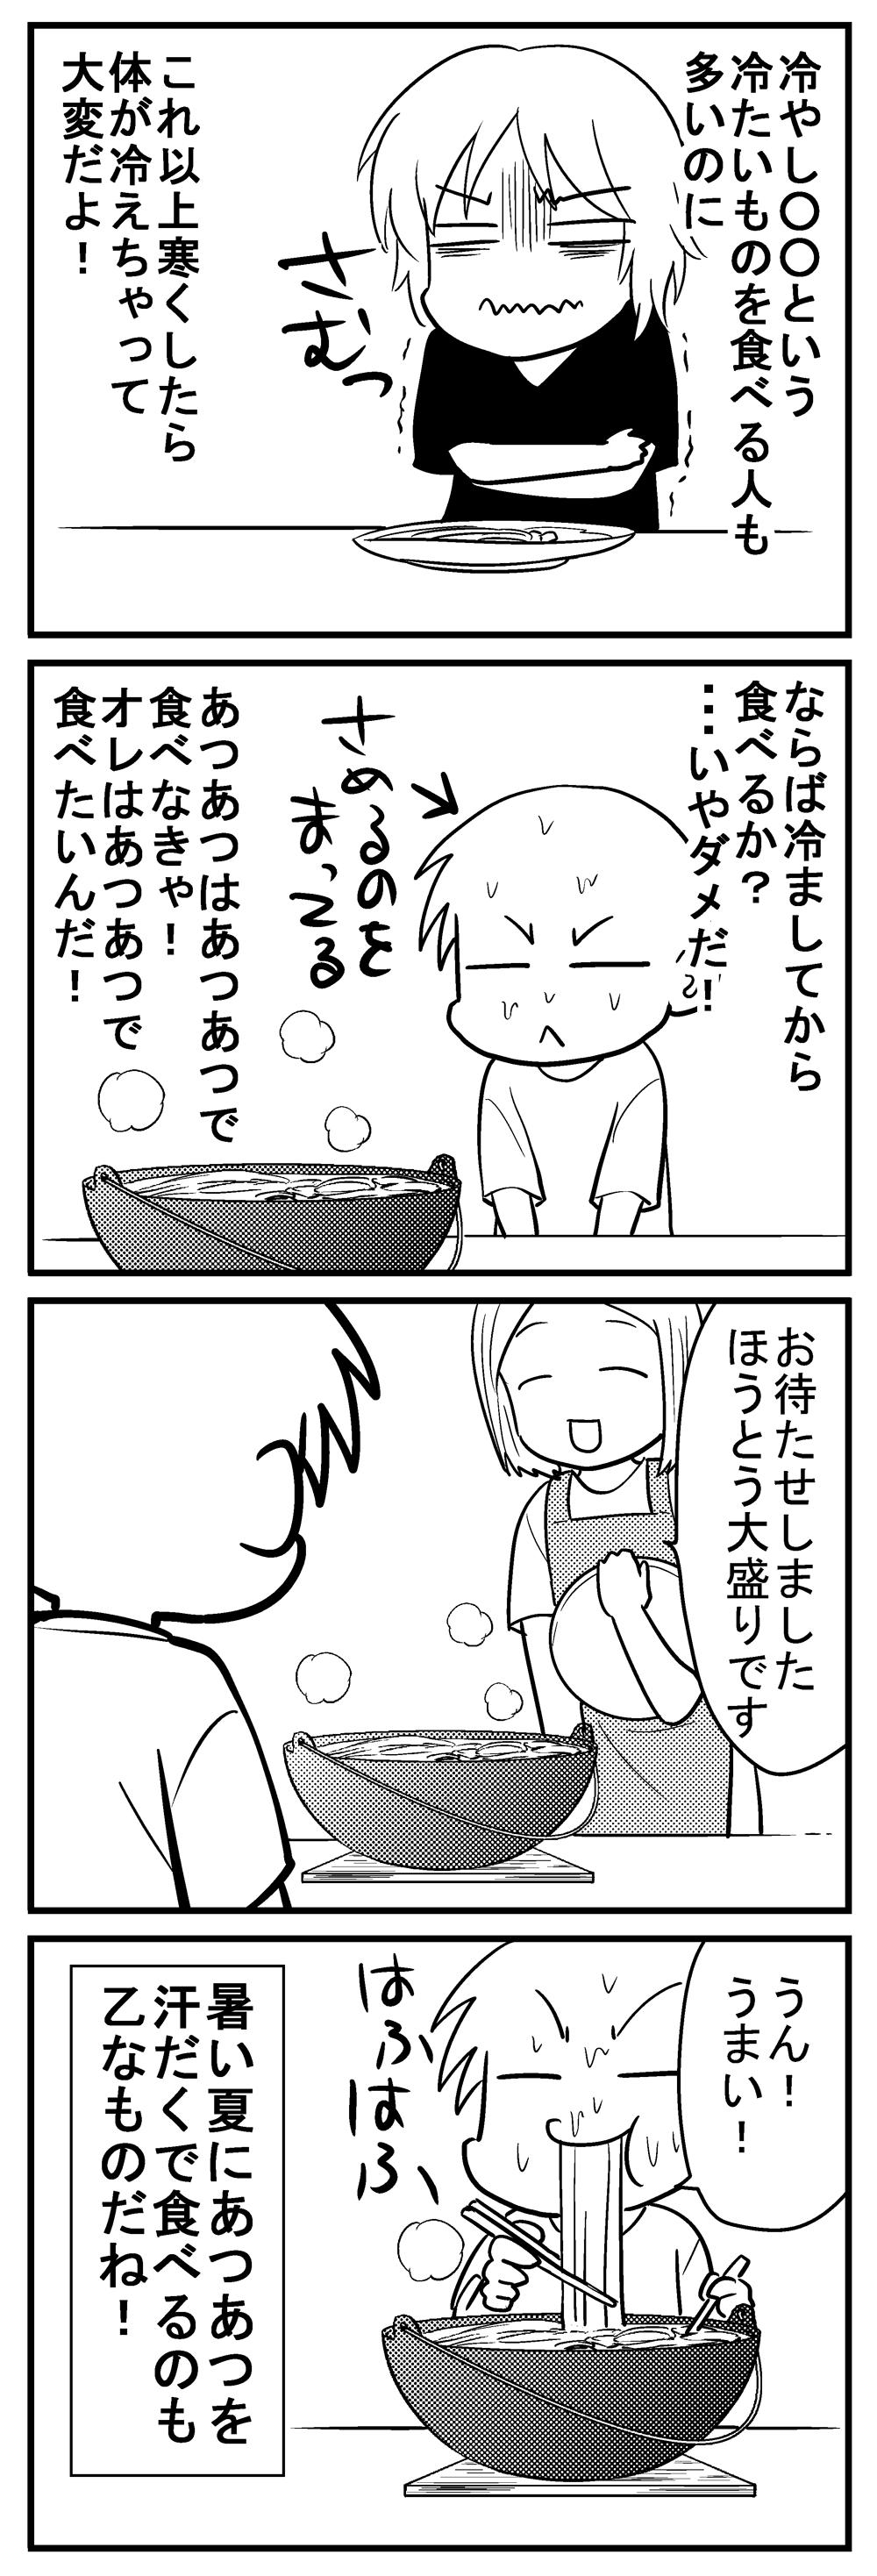 深読みくん72 4